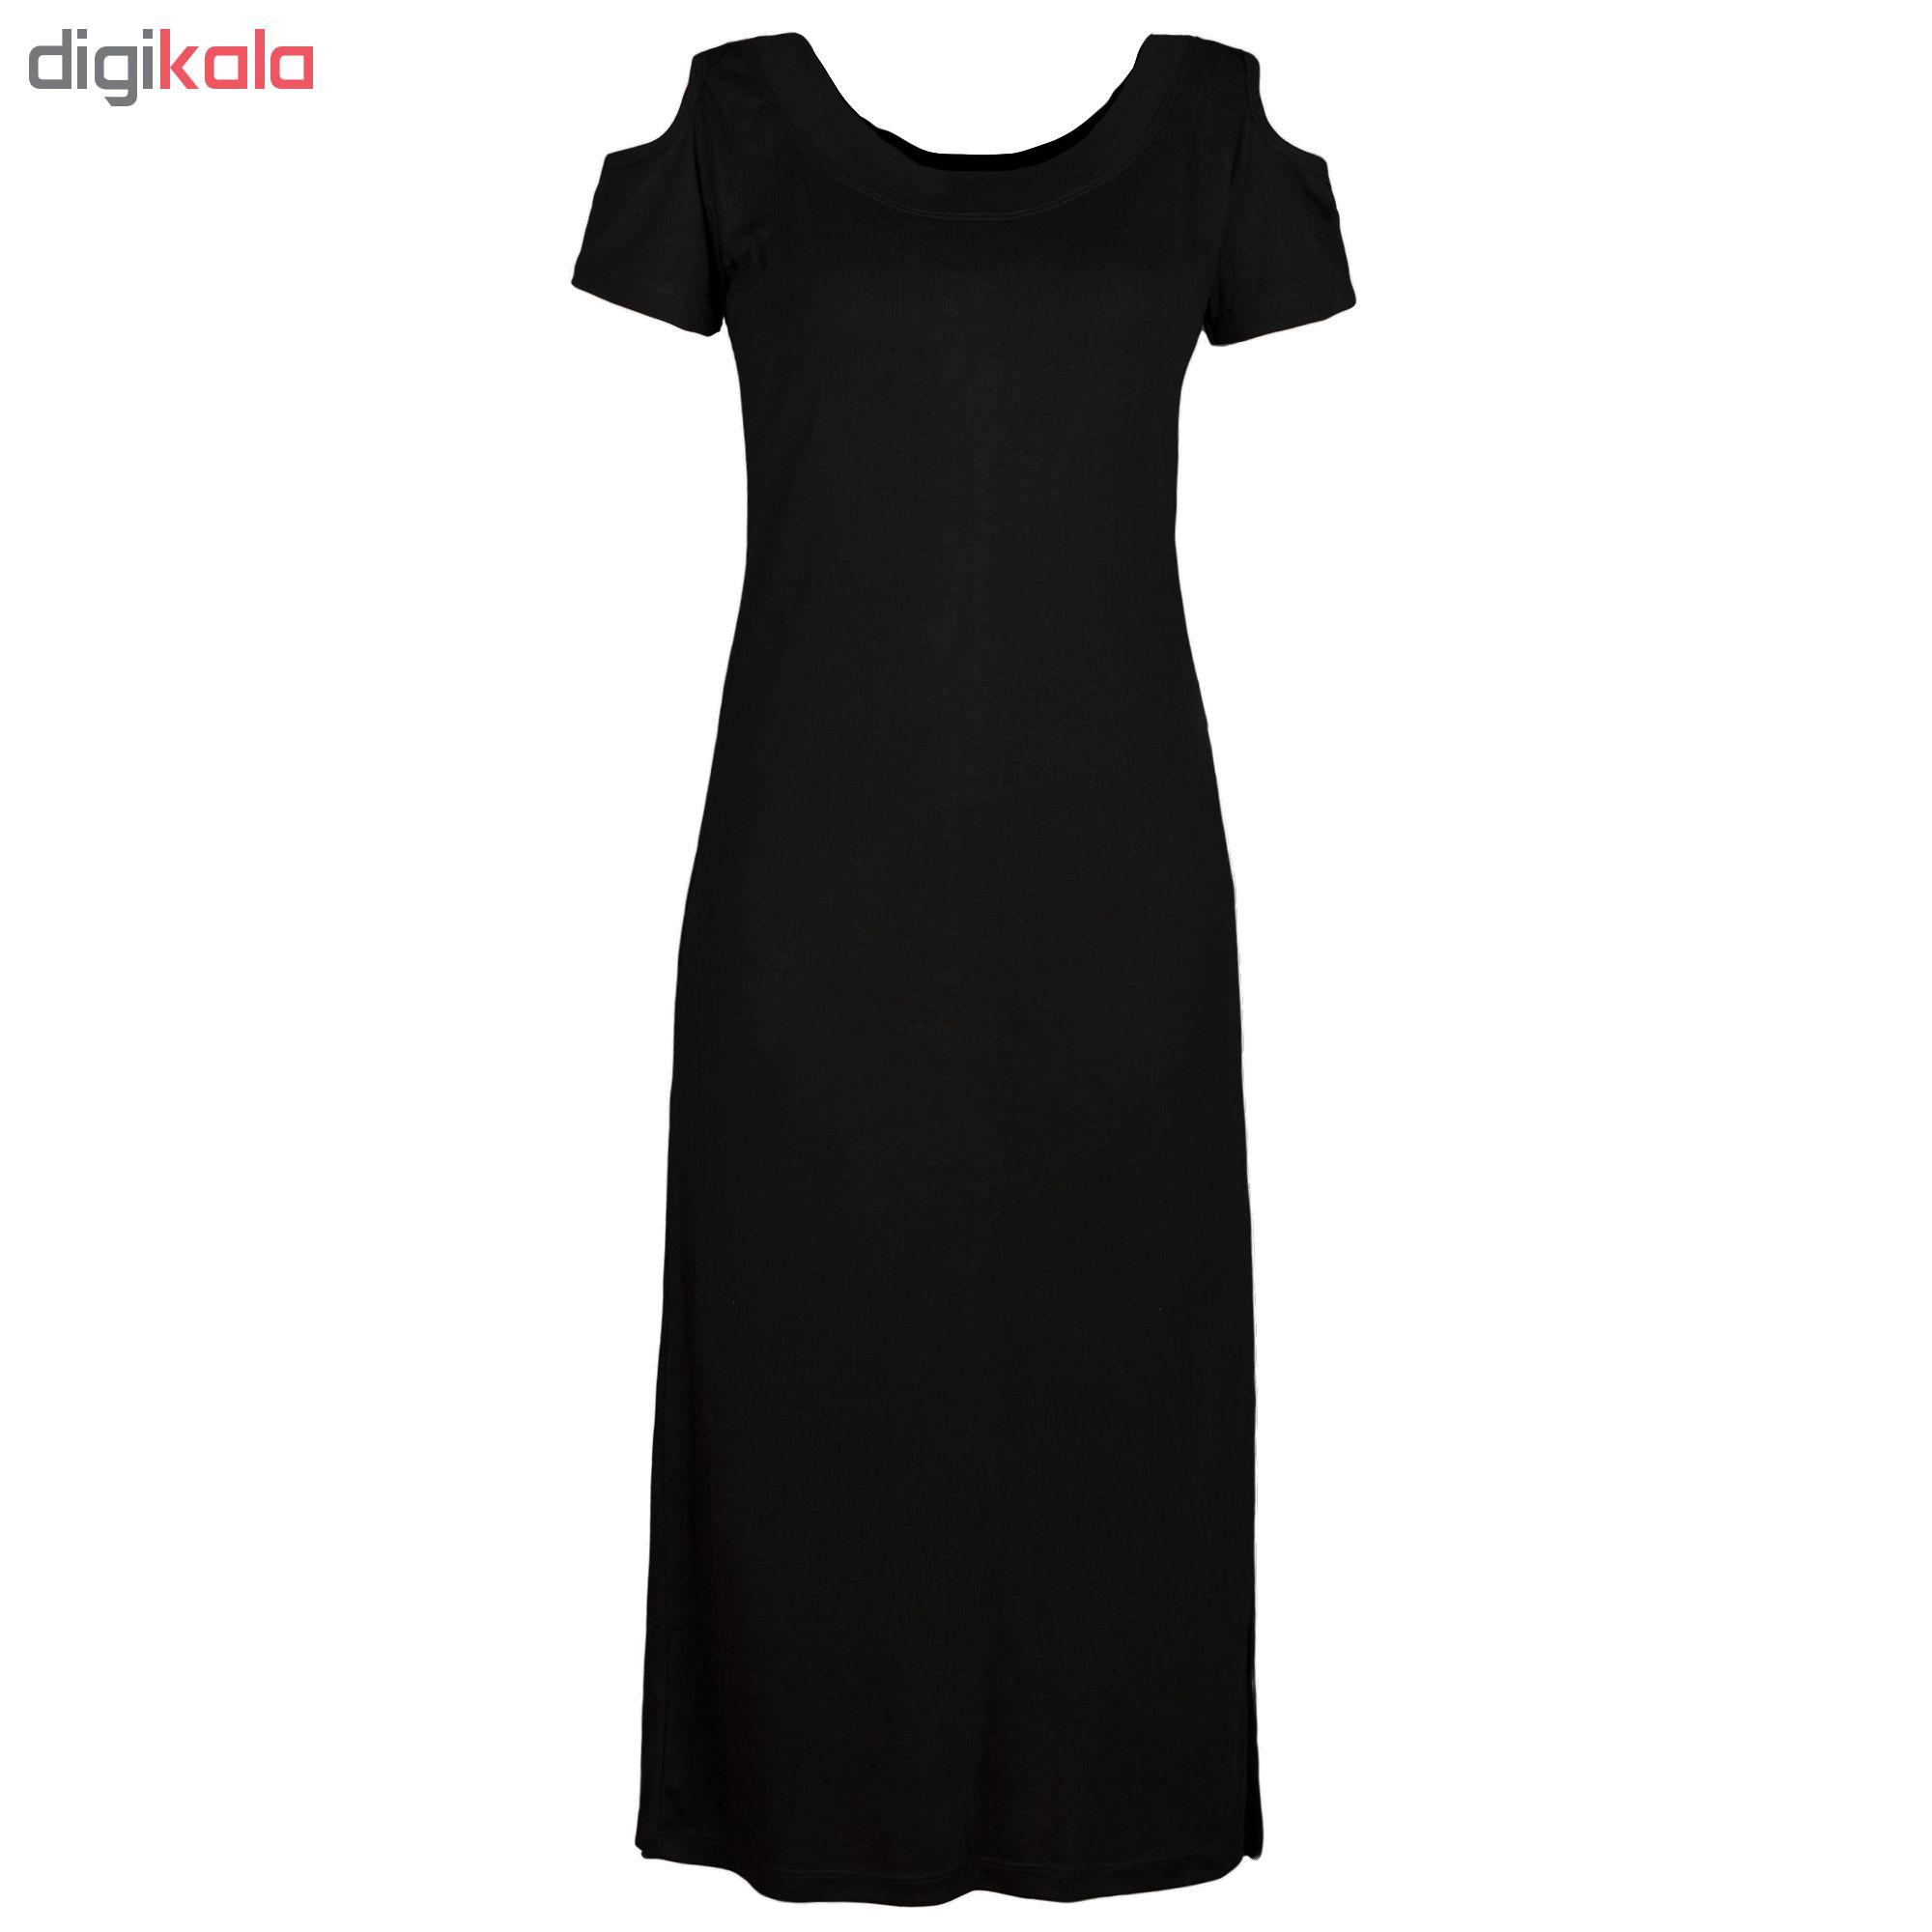 پیراهن زنانه کد 001-456